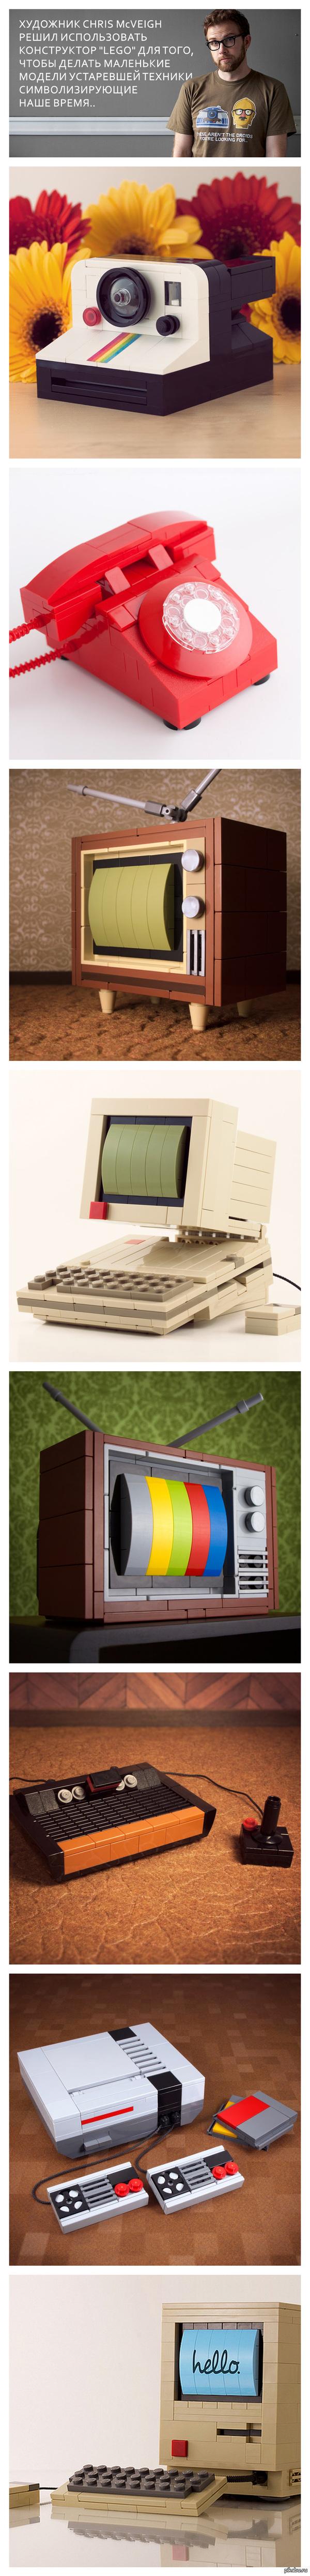 Chris McVeigh делает из Lego устаревшую технику, символизирующую наше время